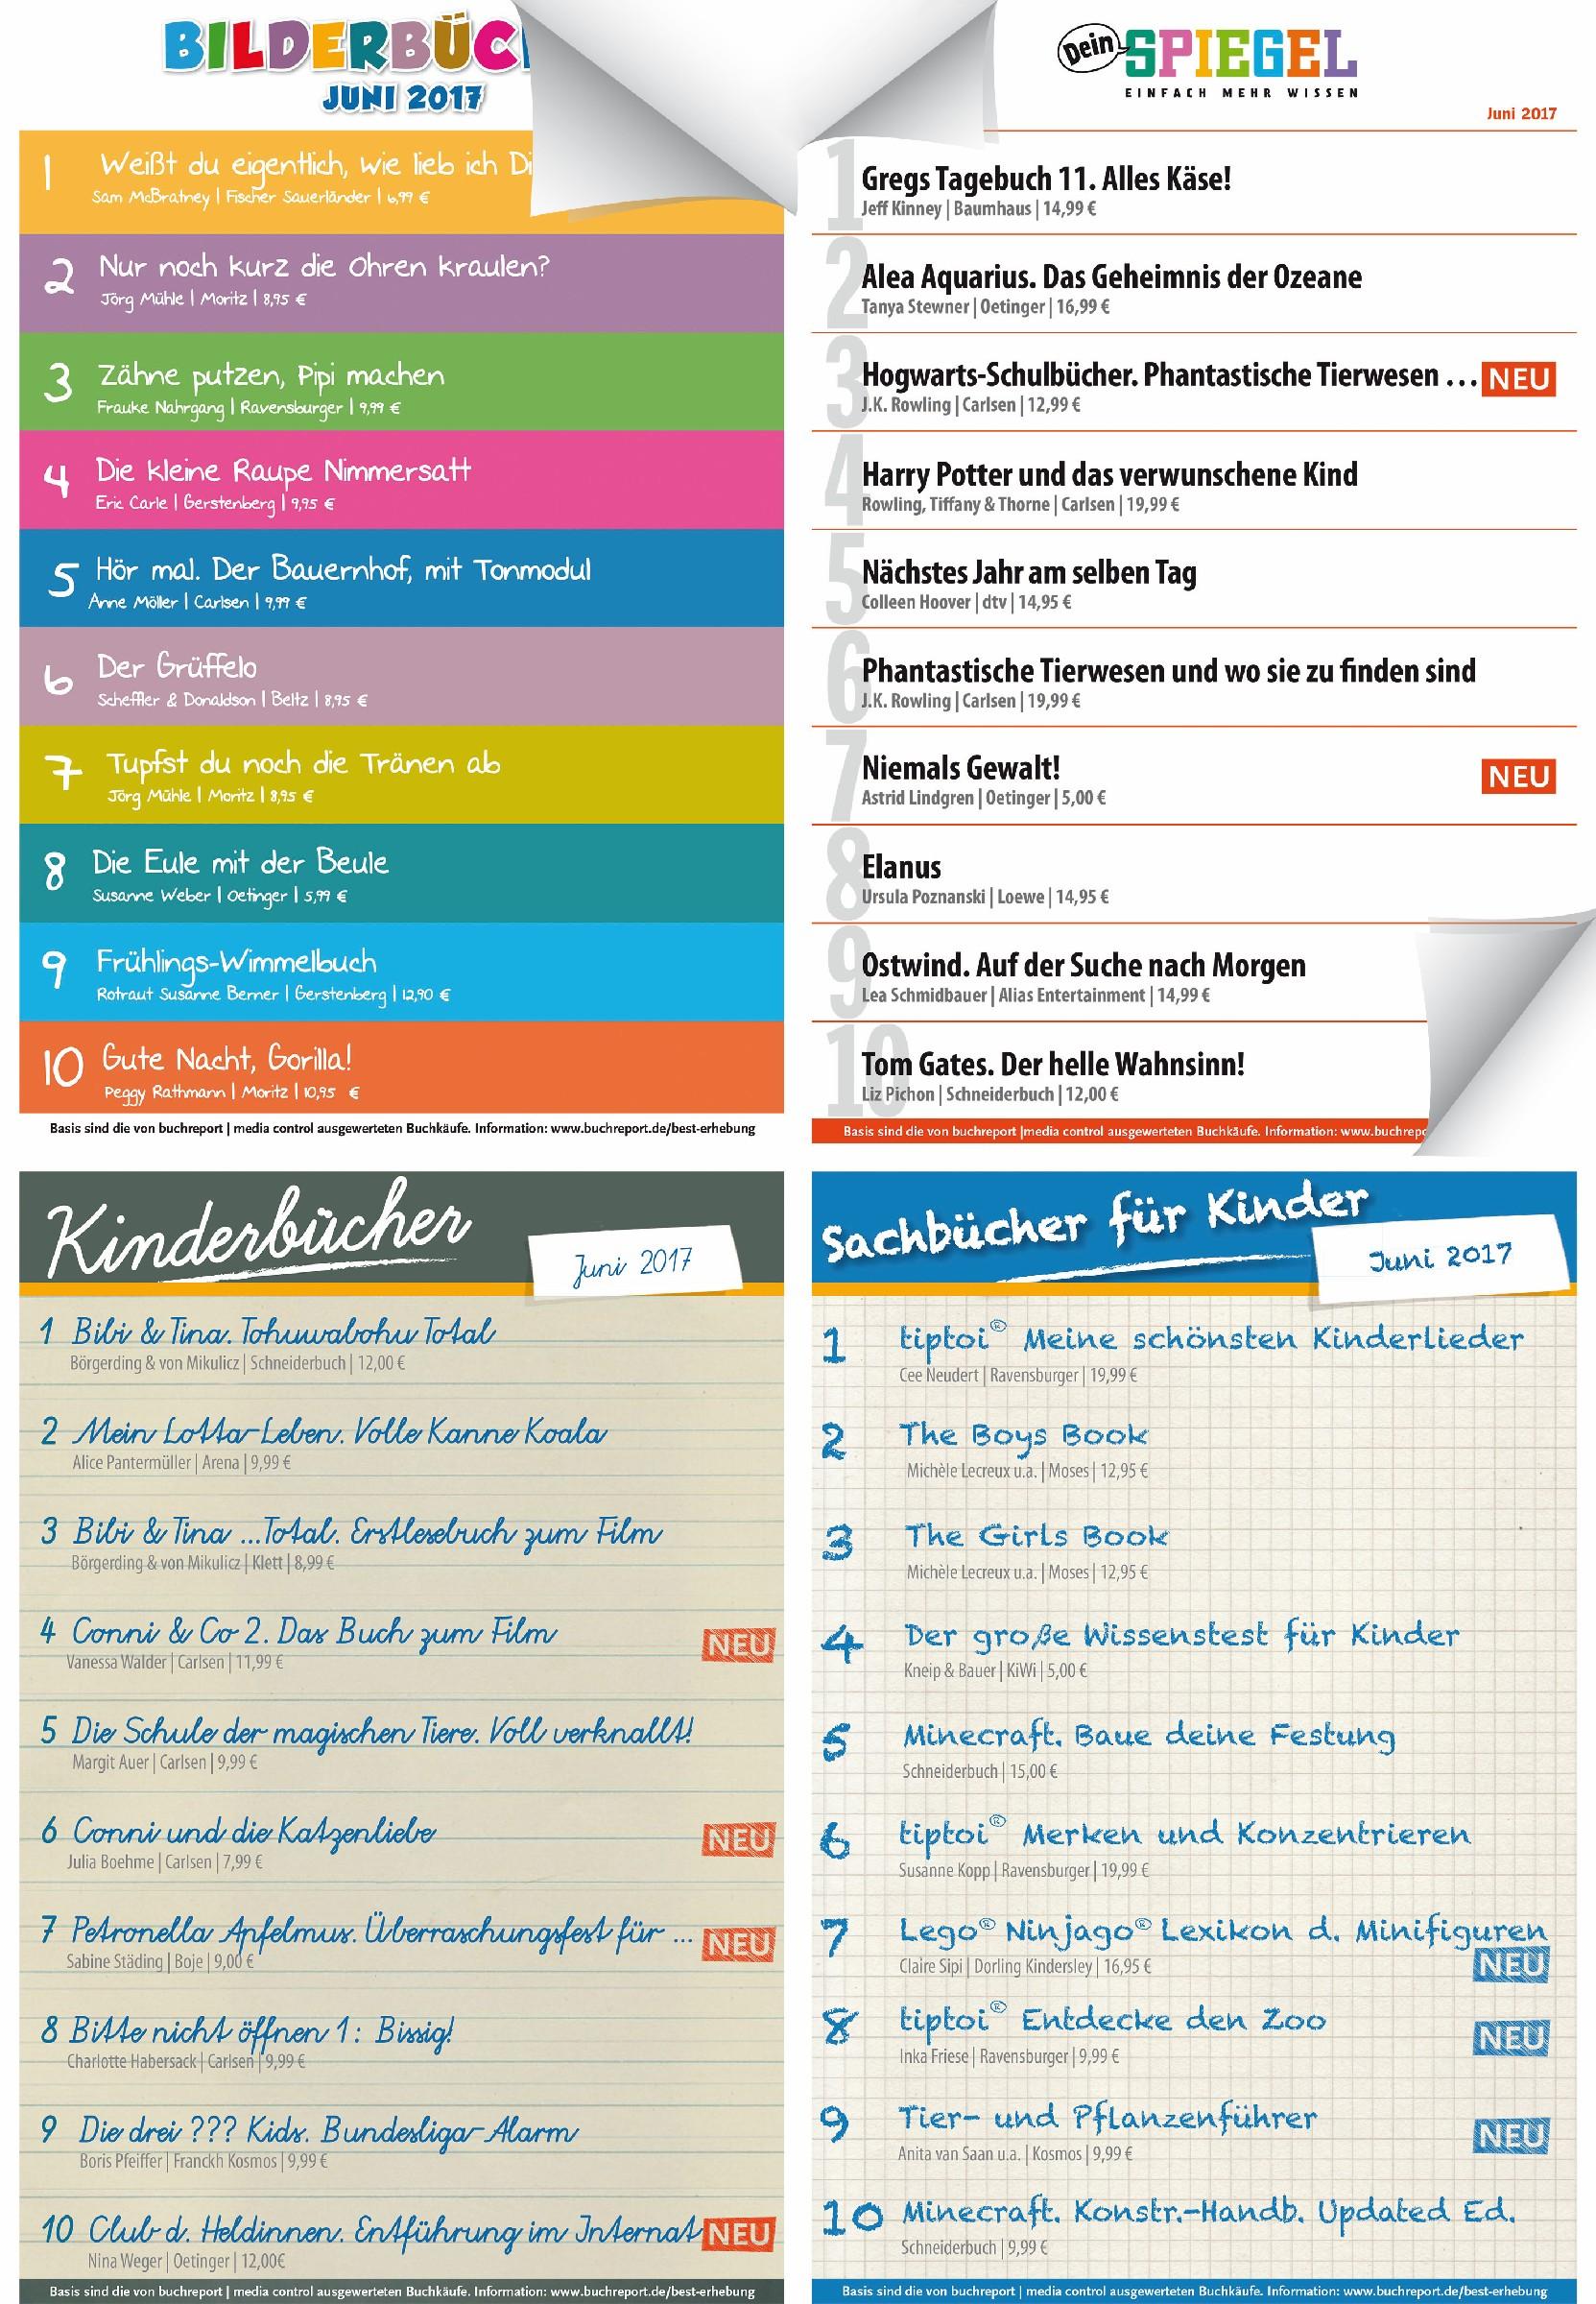 Rat themen sauber sortieren buchreport for Spiegel jahresbestseller 2017